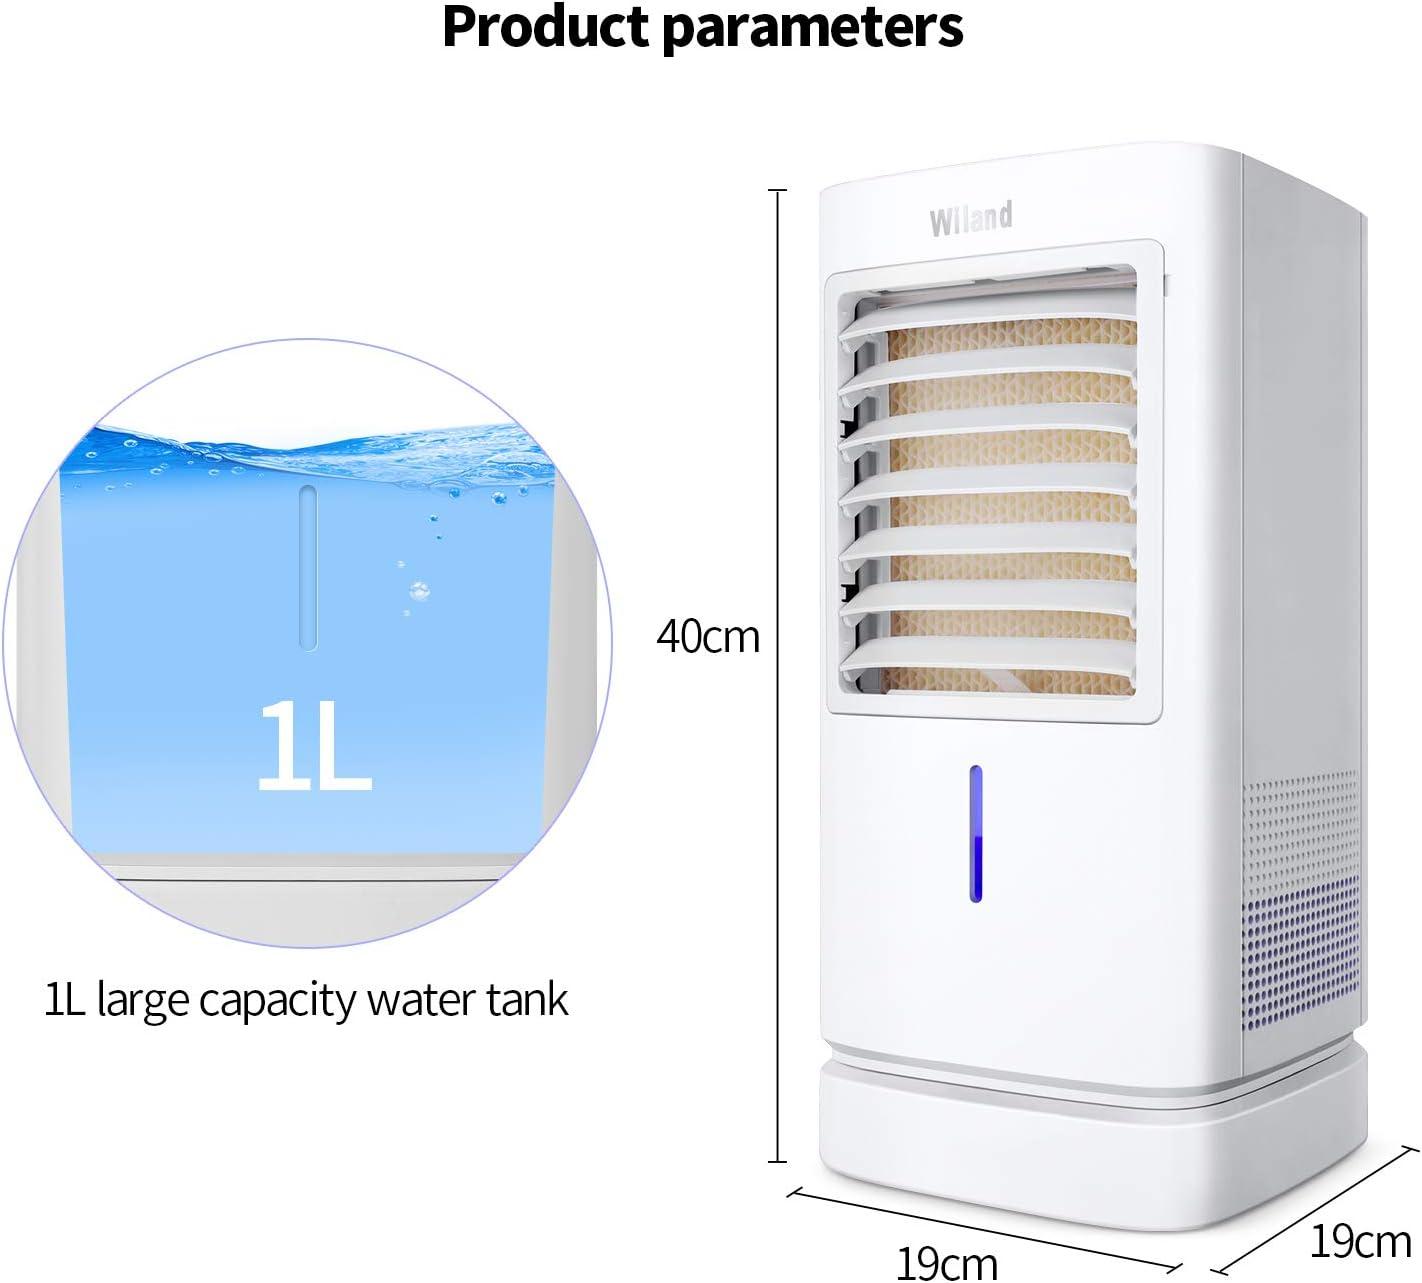 Mobiles Klimaanlage ColdMan Klimager/ät Luftk/ühler mit Ventilator Leise Luftbefeuchter Air Cooler mit Timer Funktion f/ür Arbeitsplatz und Zuhause 90 W 1-Liter Kapazit/ät Turmventilator